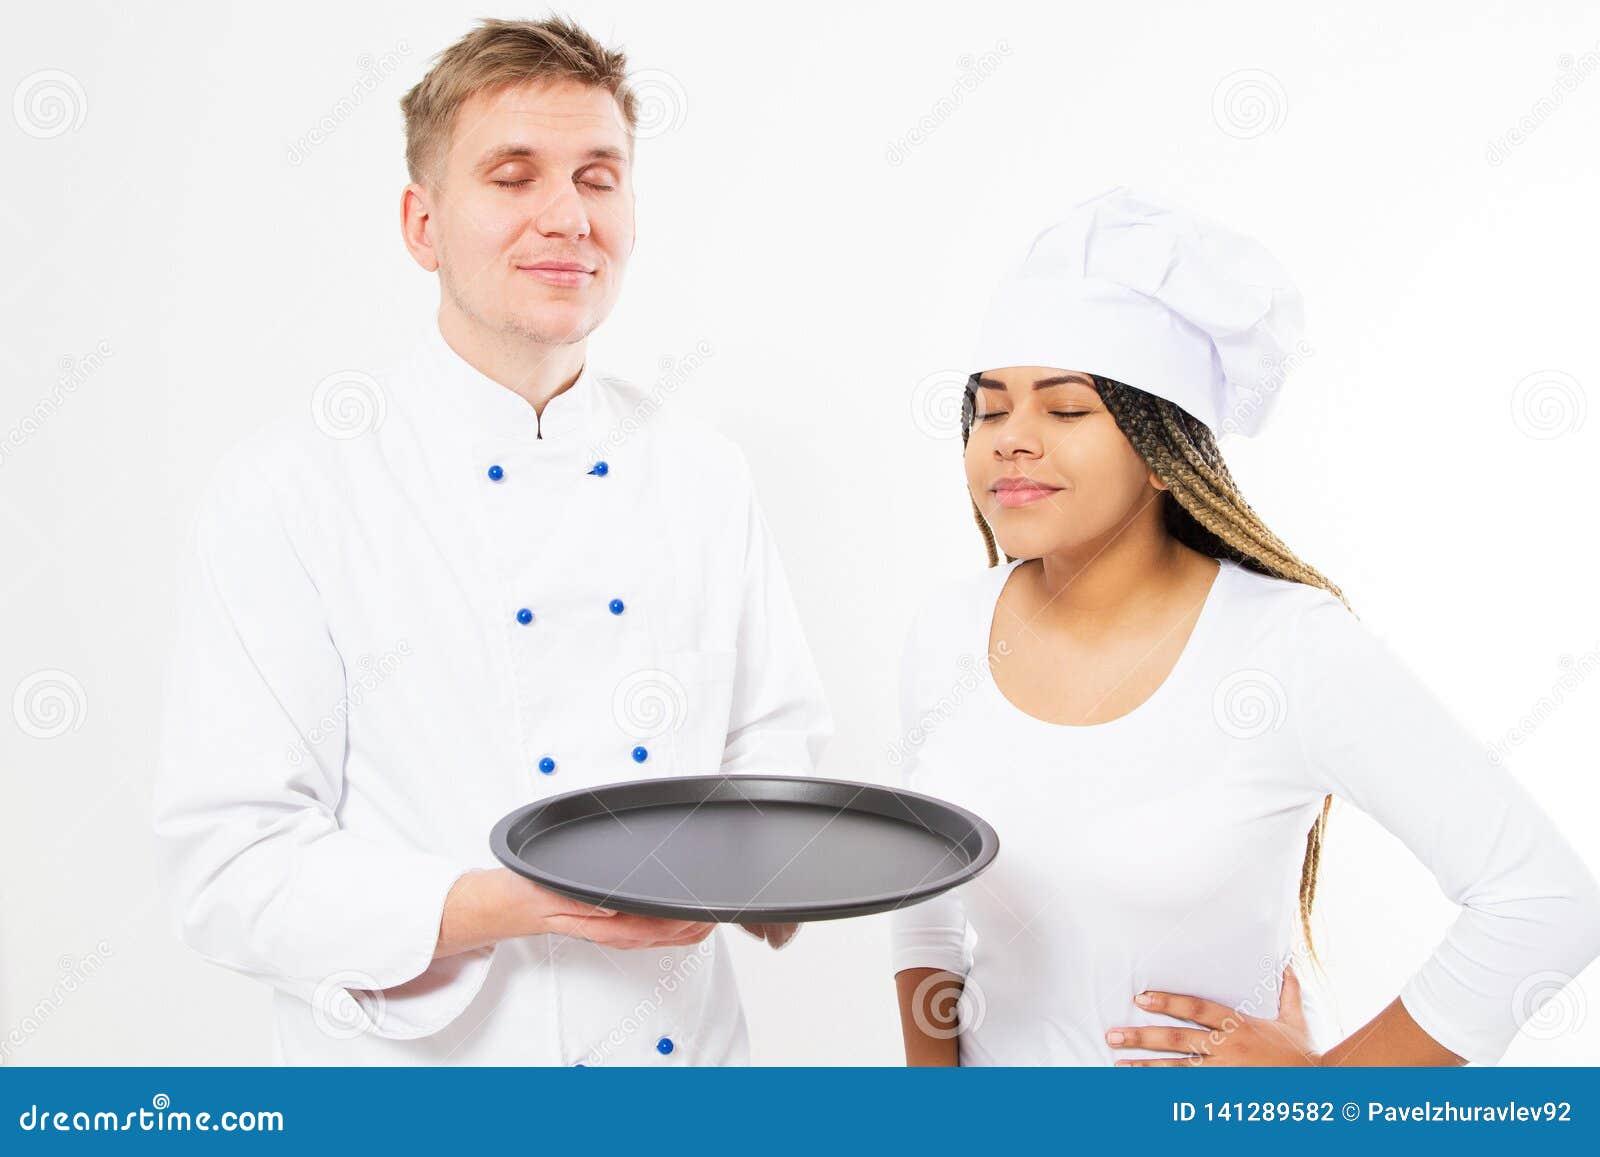 Een team van chef-koks snuift het prettige aroma van iets op een leeg die dienblad op wit wordt geïsoleerd